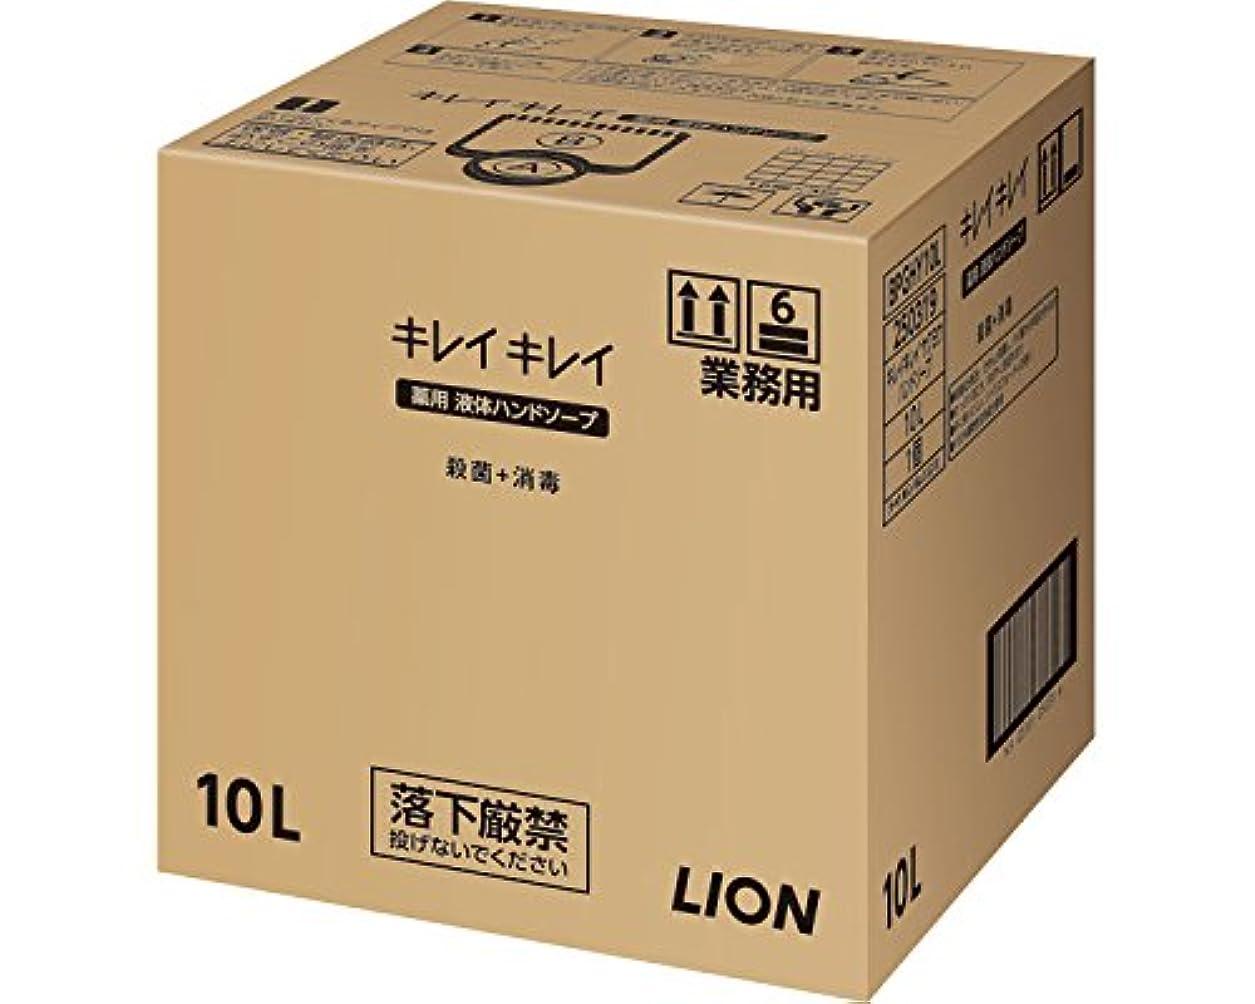 ロケットピクニックをするスペルキレイキレイ薬用ハンドソープ 10L (ライオンハイジーン) (清拭小物)